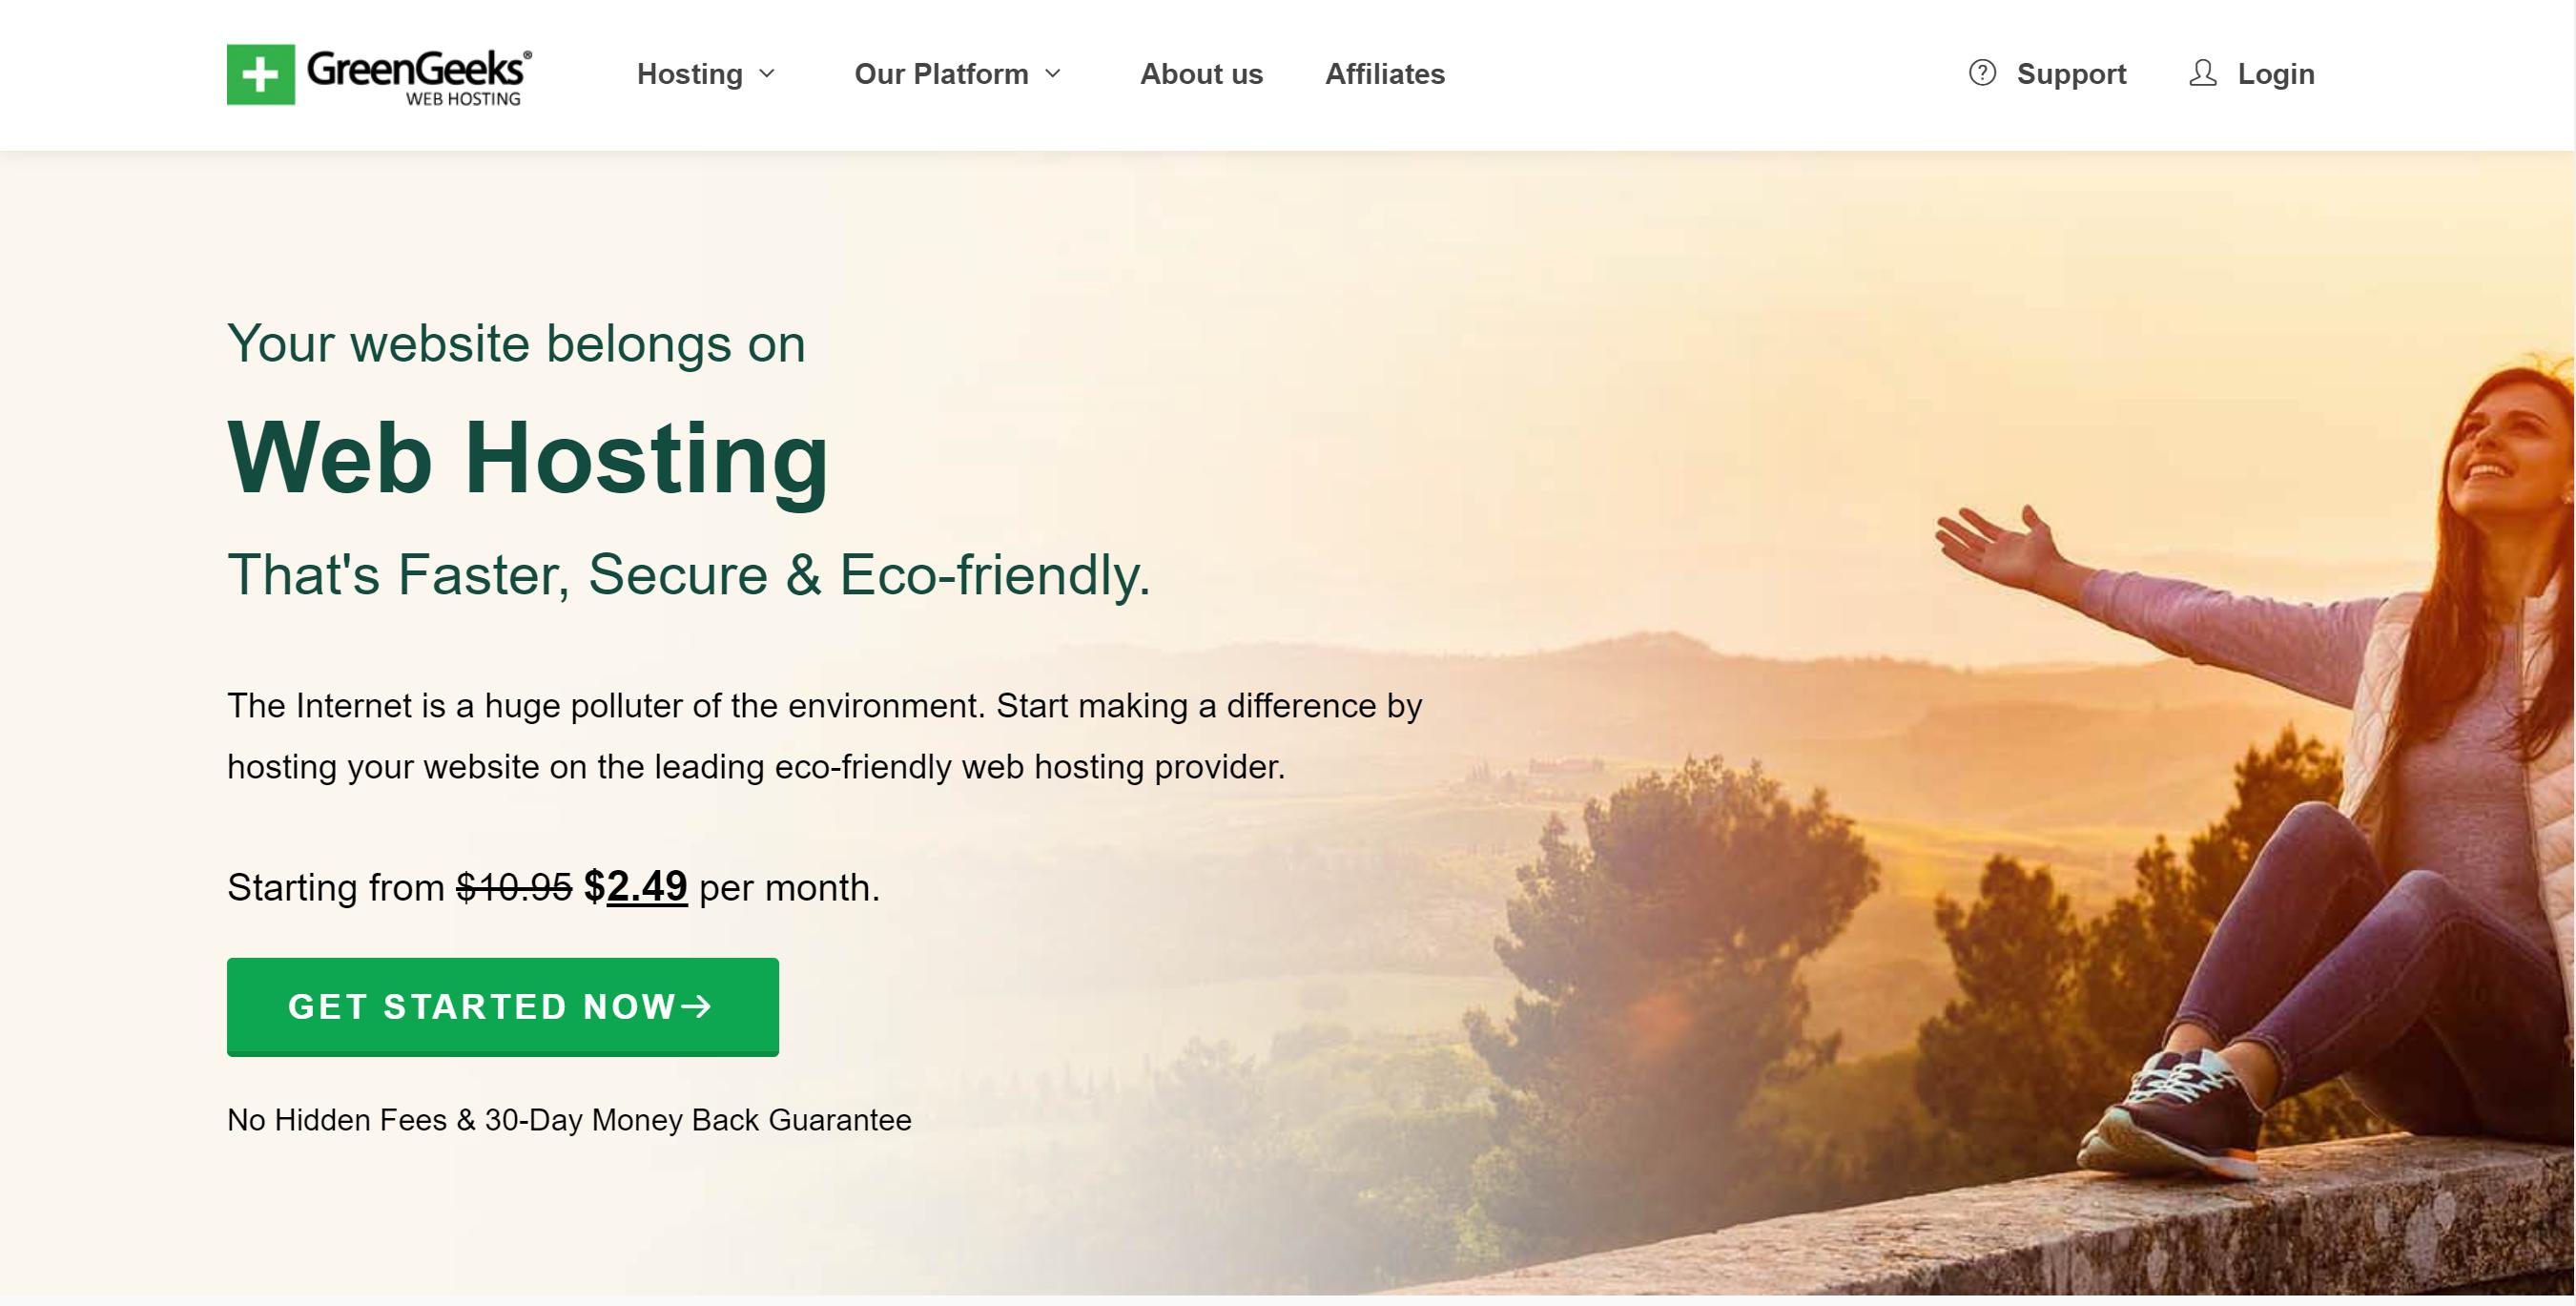 GreenGeeks Landing Page - Starting at $2.49 per month